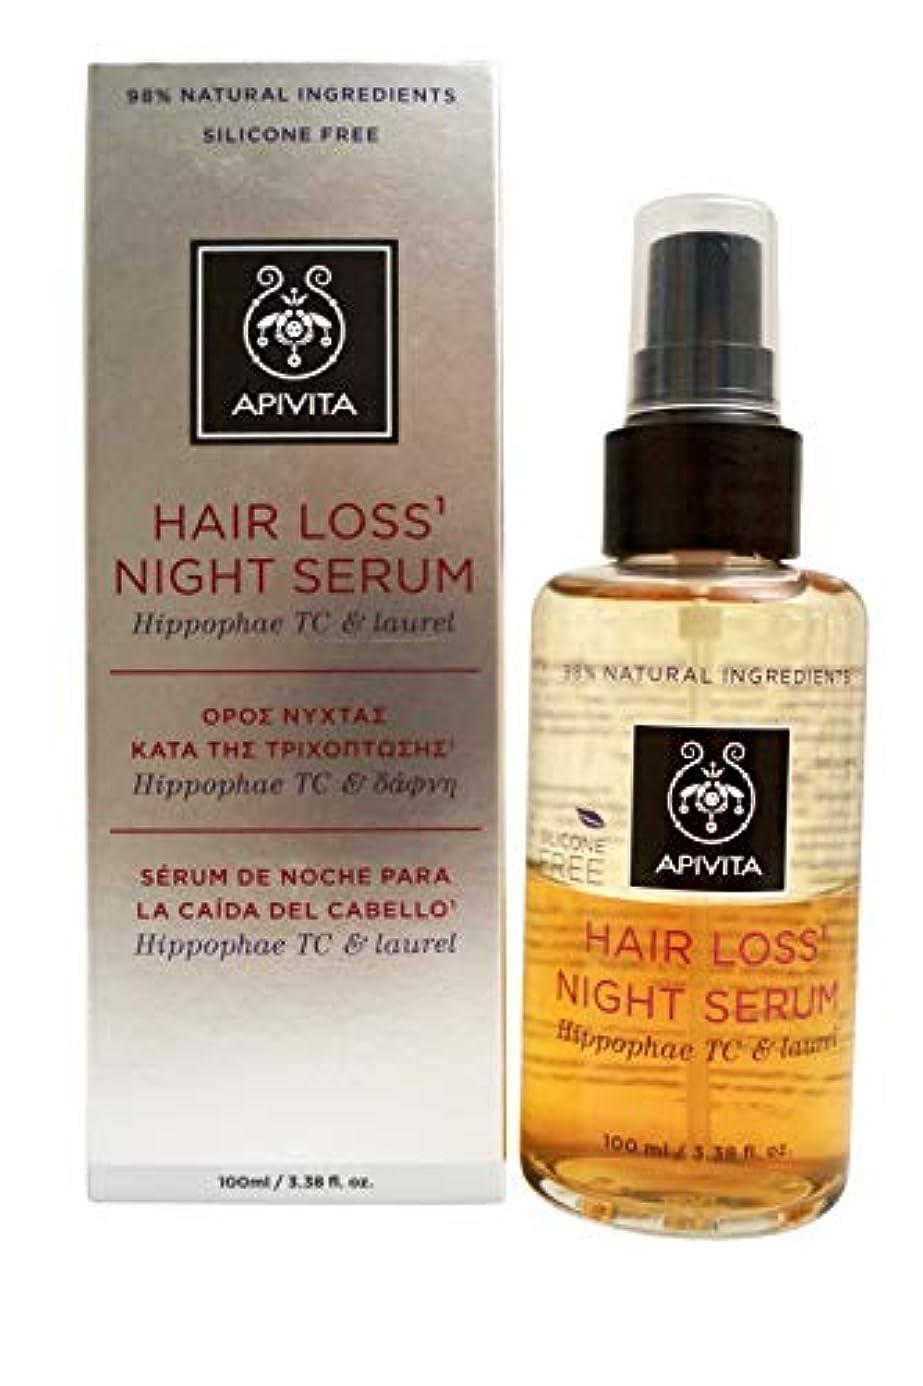 初心者床コードアピヴィータ Hair Loss Night Serum with Hippophae TC & Laurel 100ml [並行輸入品]